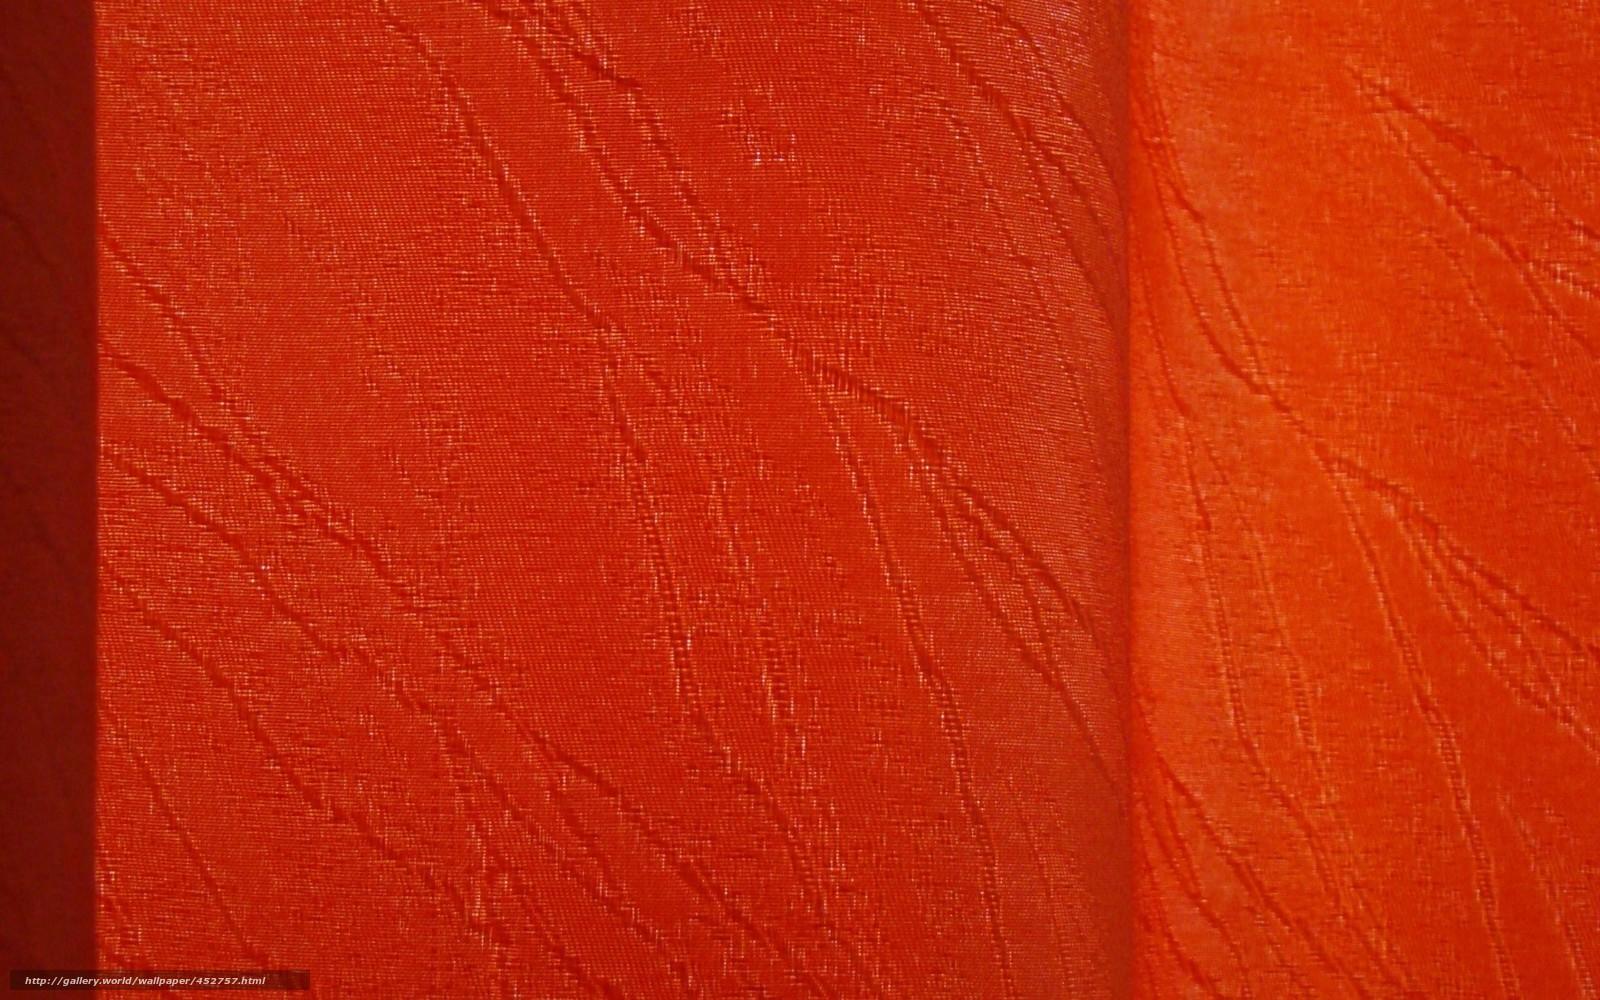 Скачать обои ткань,  красная,  текстура,  складки бесплатно для рабочего стола в разрешении 1680x1050 — картинка №452757